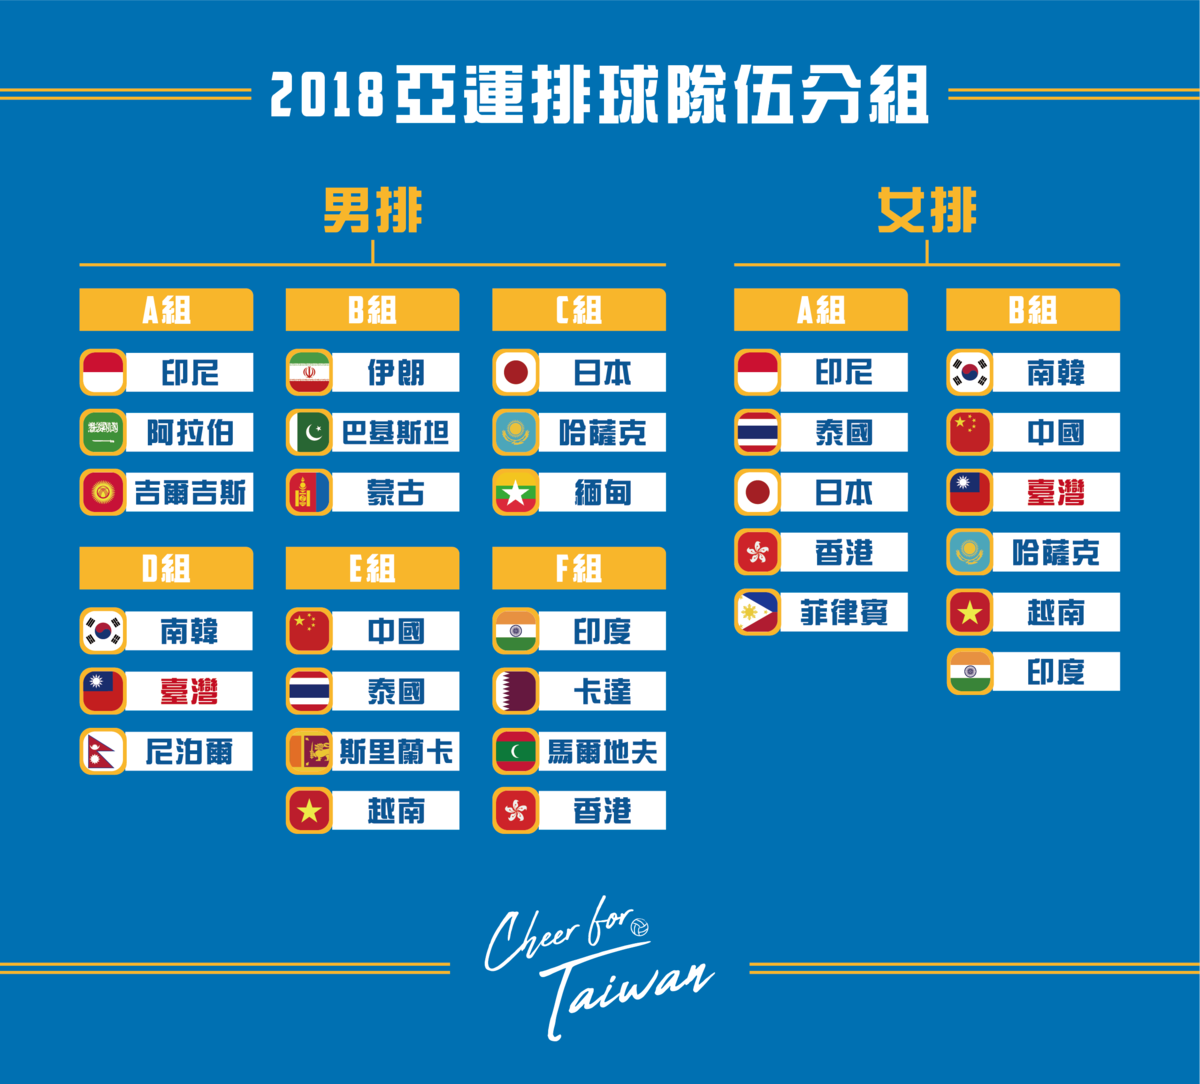 亞運室內排球項目將於8/19-9/1 在雅加達舉行,昨天大會也進行抽籤,本屆男排參賽隊伍共有20 隊,預賽分為6 組,女排則是11 隊,預賽分為2  大組。